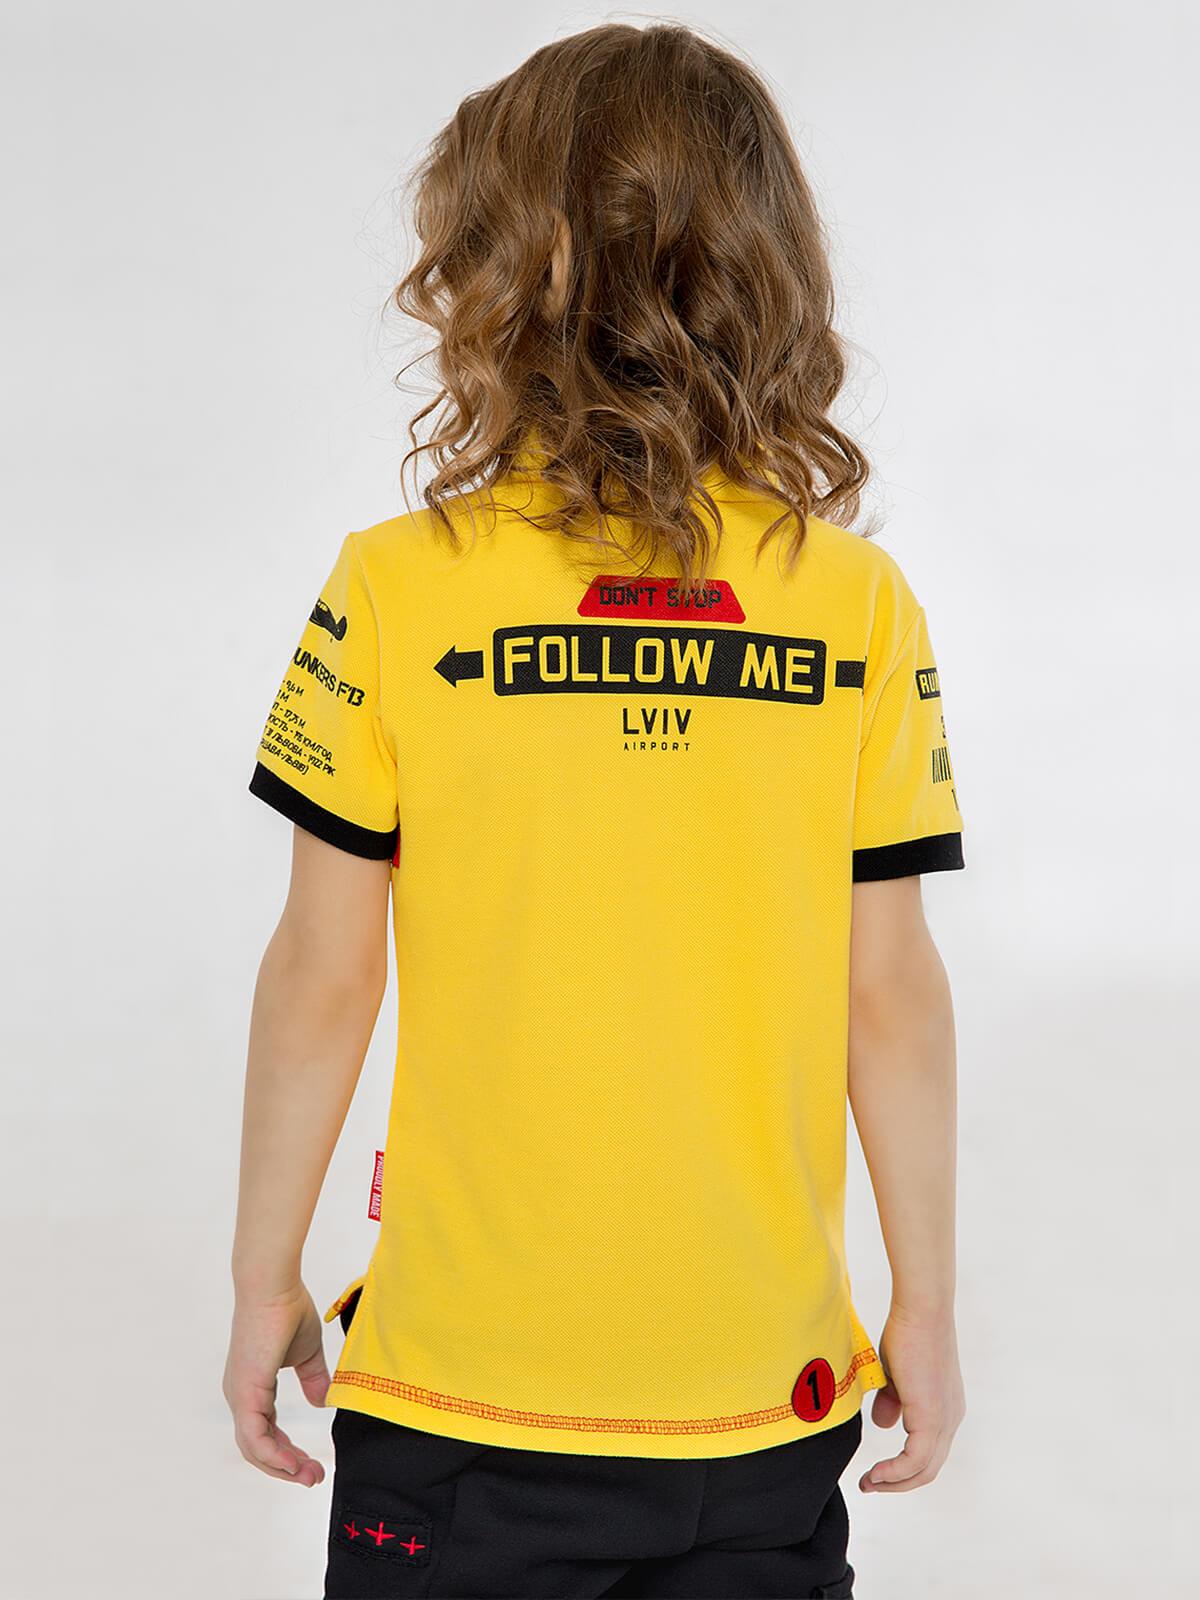 Дитяче Поло Follow Me. Колір жовтий. 3.